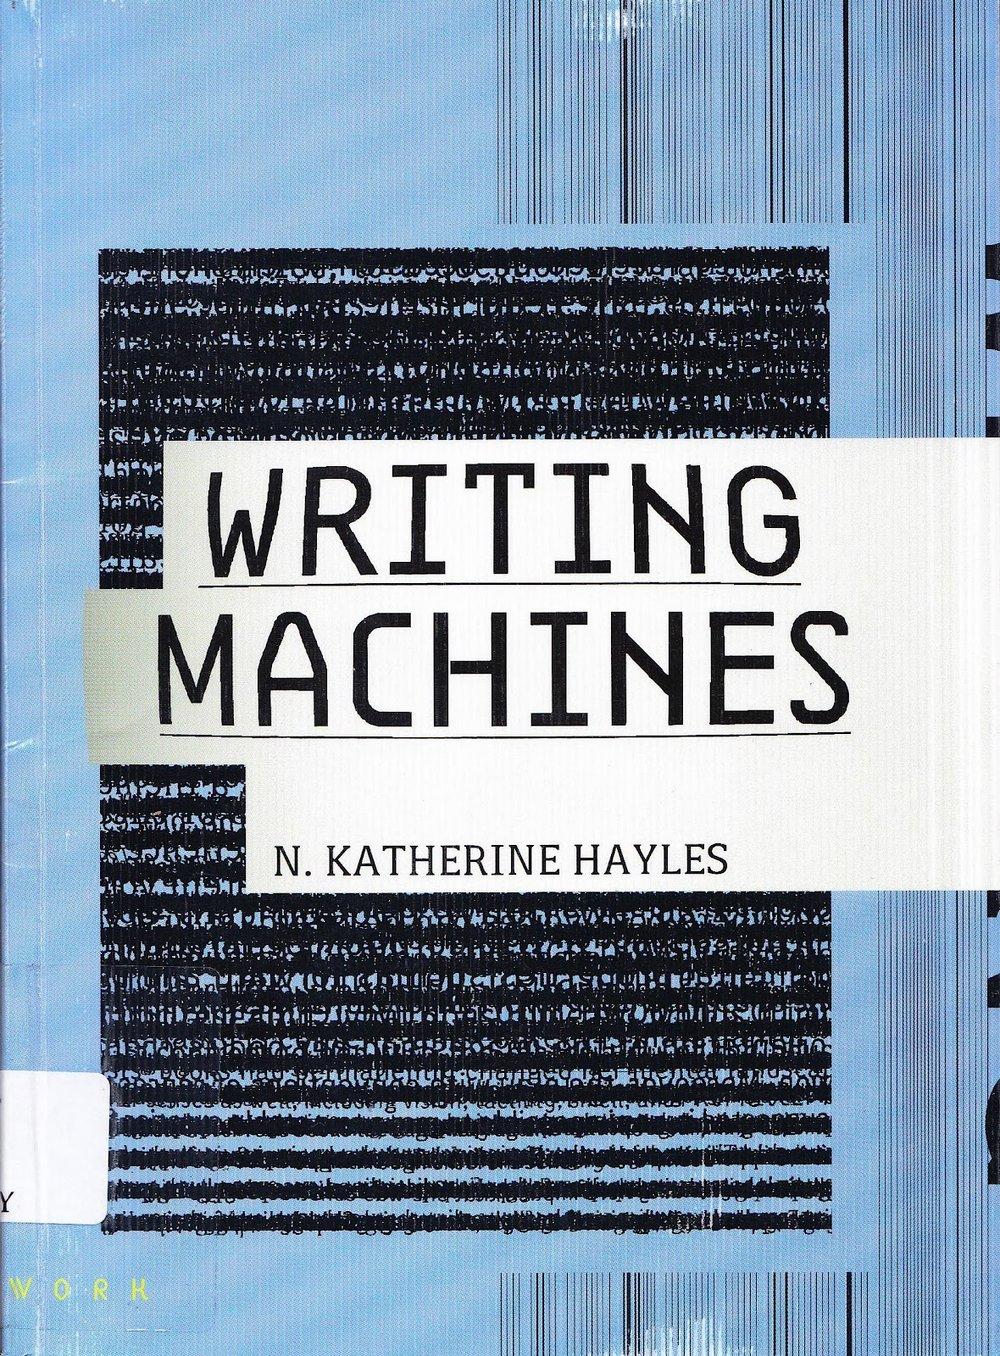 Writing Machines.jpg